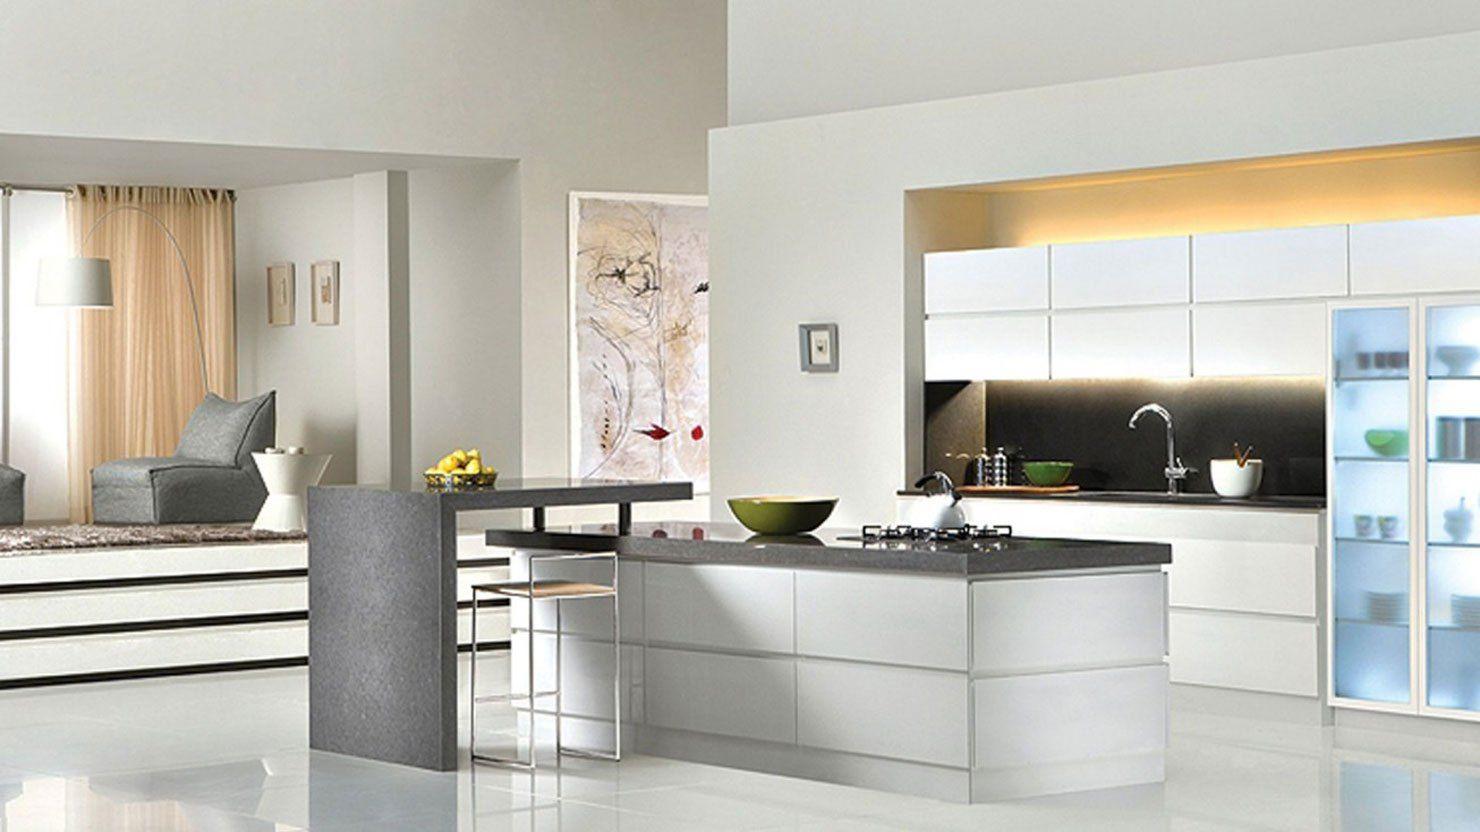 aluminium kitchen cabinet design malaysia aluminium kitchen ...